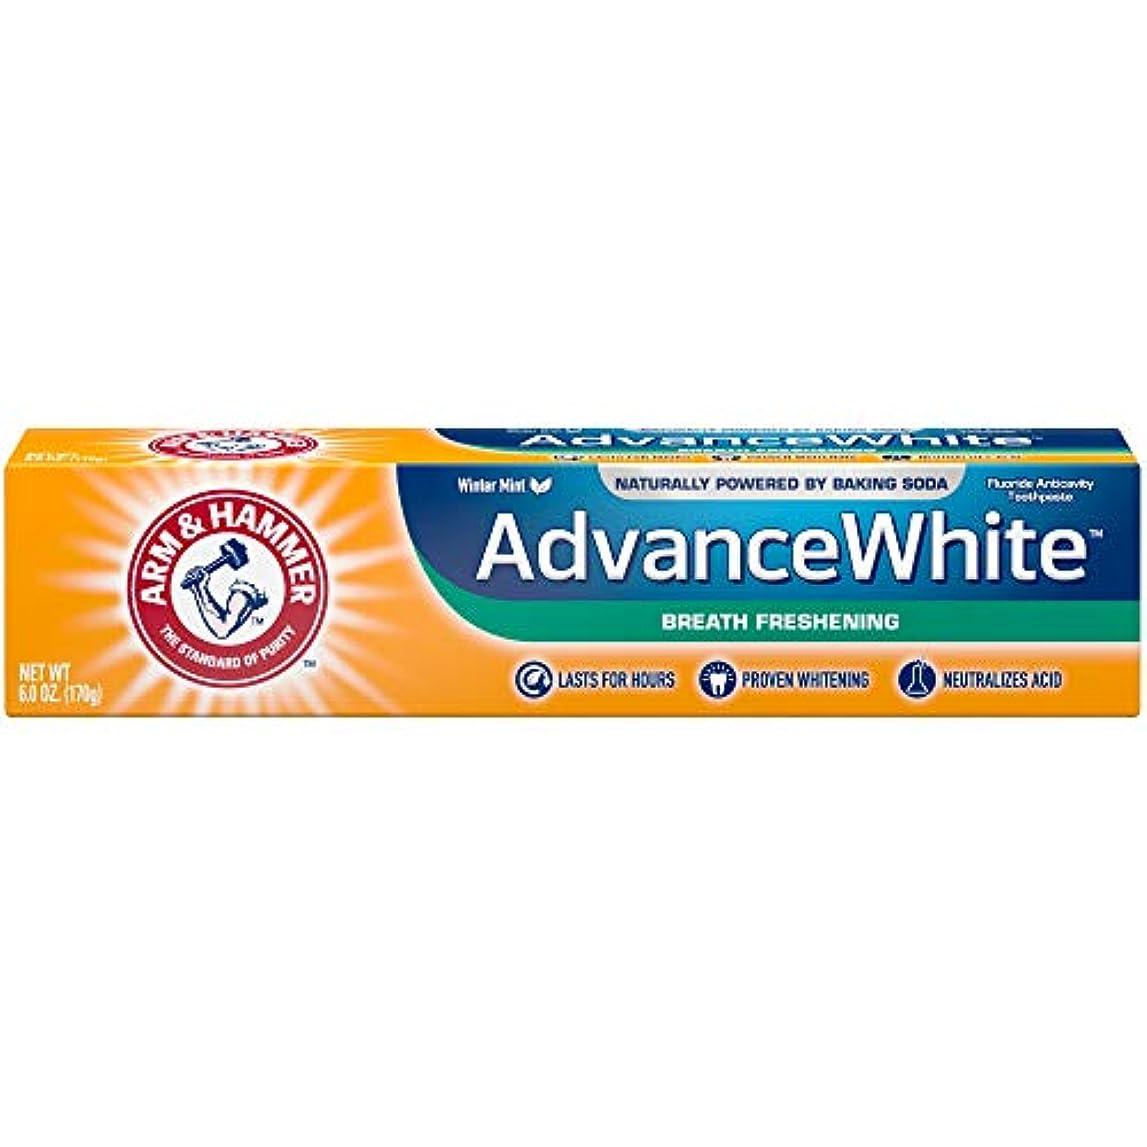 第九フィードオン類人猿アーム&ハマー アドバンス ホワイト 歯磨き粉 ブレス フレッシュニング 170g Advance White Breath Freshing Baking Soda & Frosted Mint